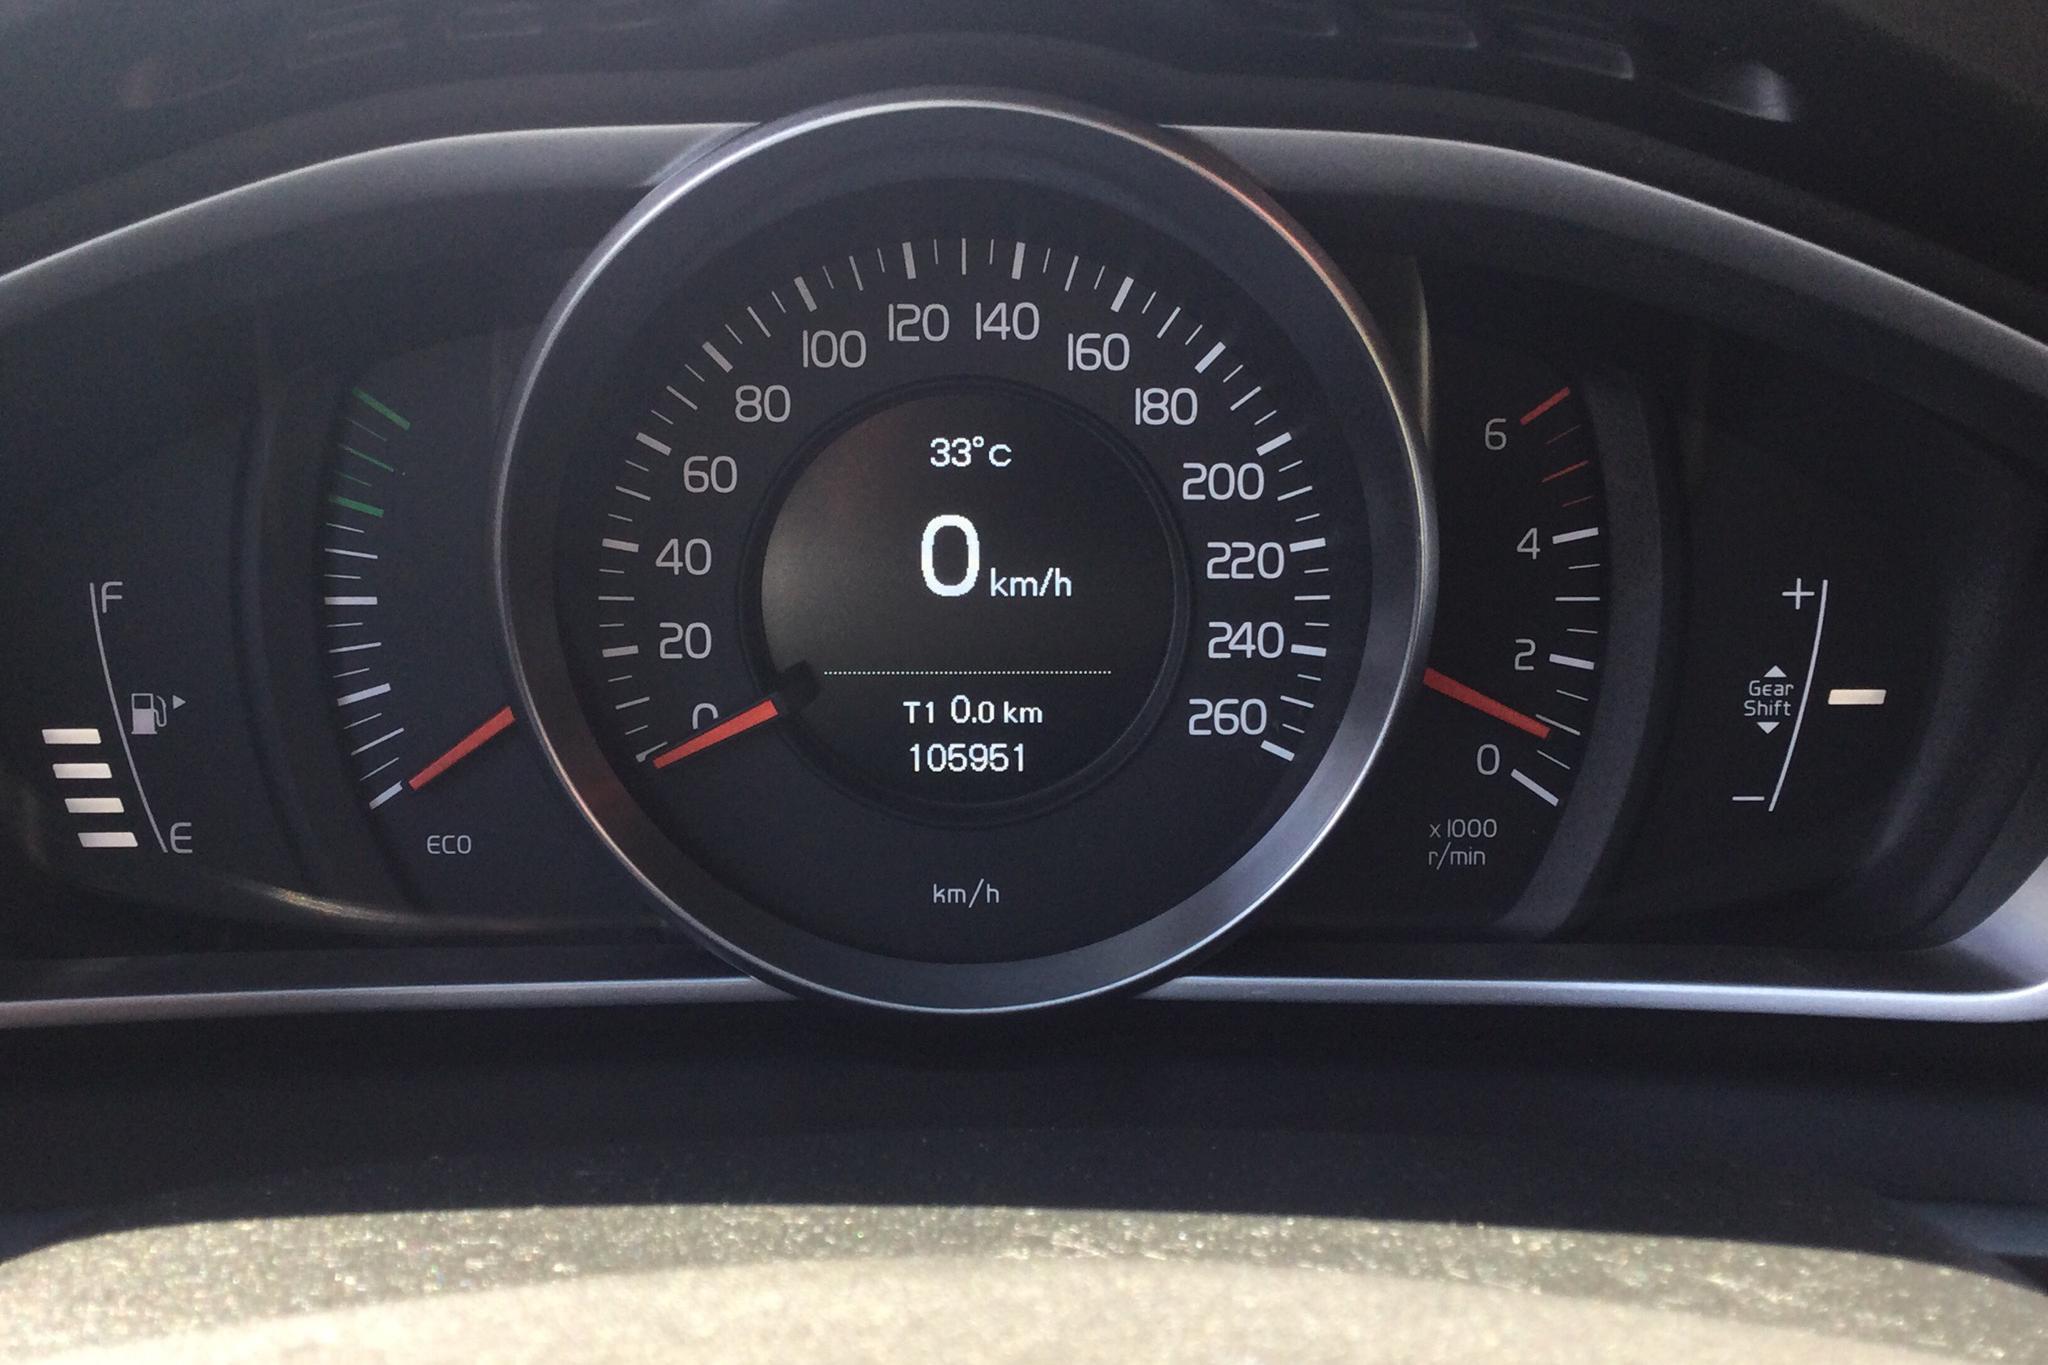 Volvo V40 D2 (115hk) - 10 595 mil - Manuell - blå - 2014